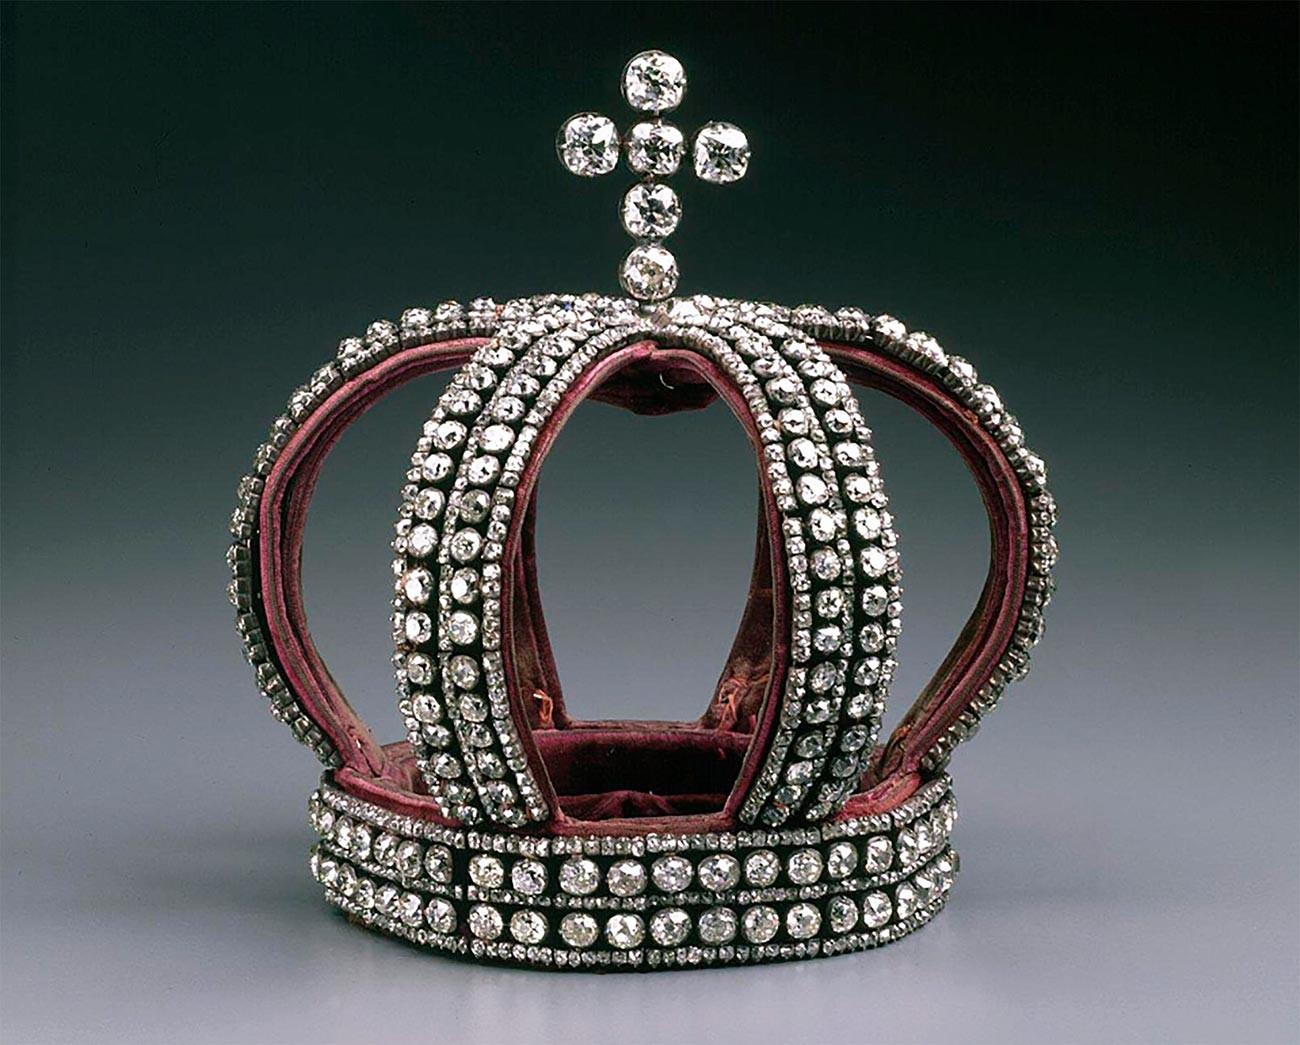 В каких государствах сегодня хранятся сокровища царской России. Часть 2